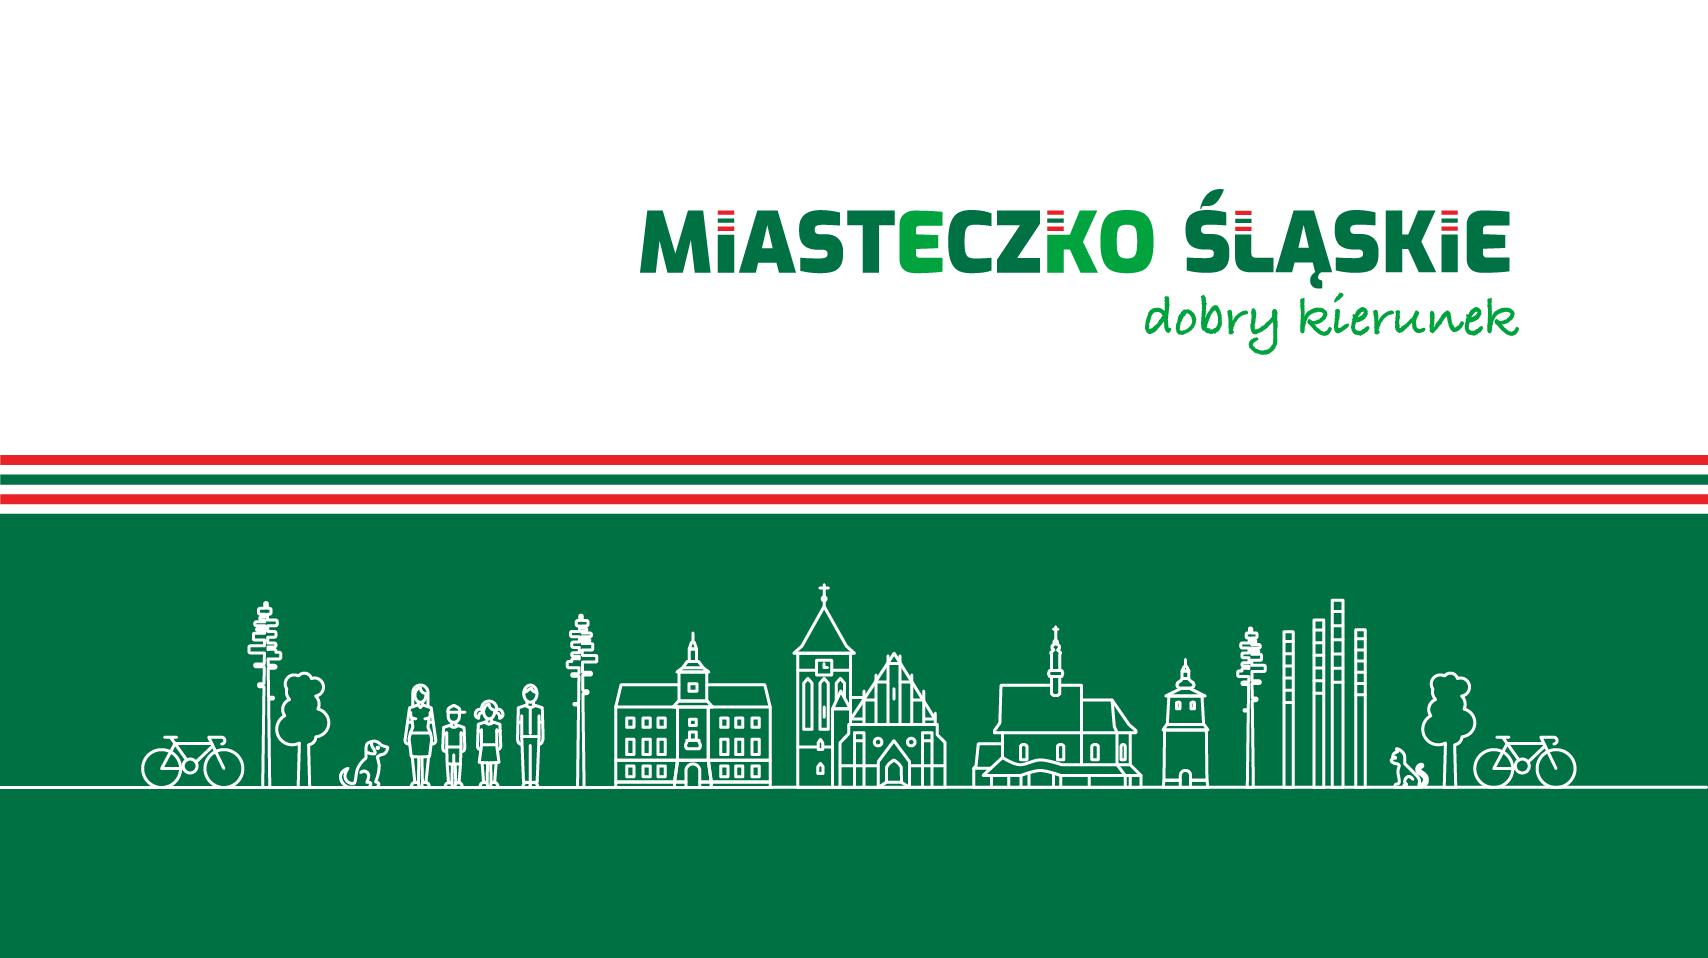 Zarządzenie nr 910/21 Burmistrza Miasta Miasteczko Śląskie